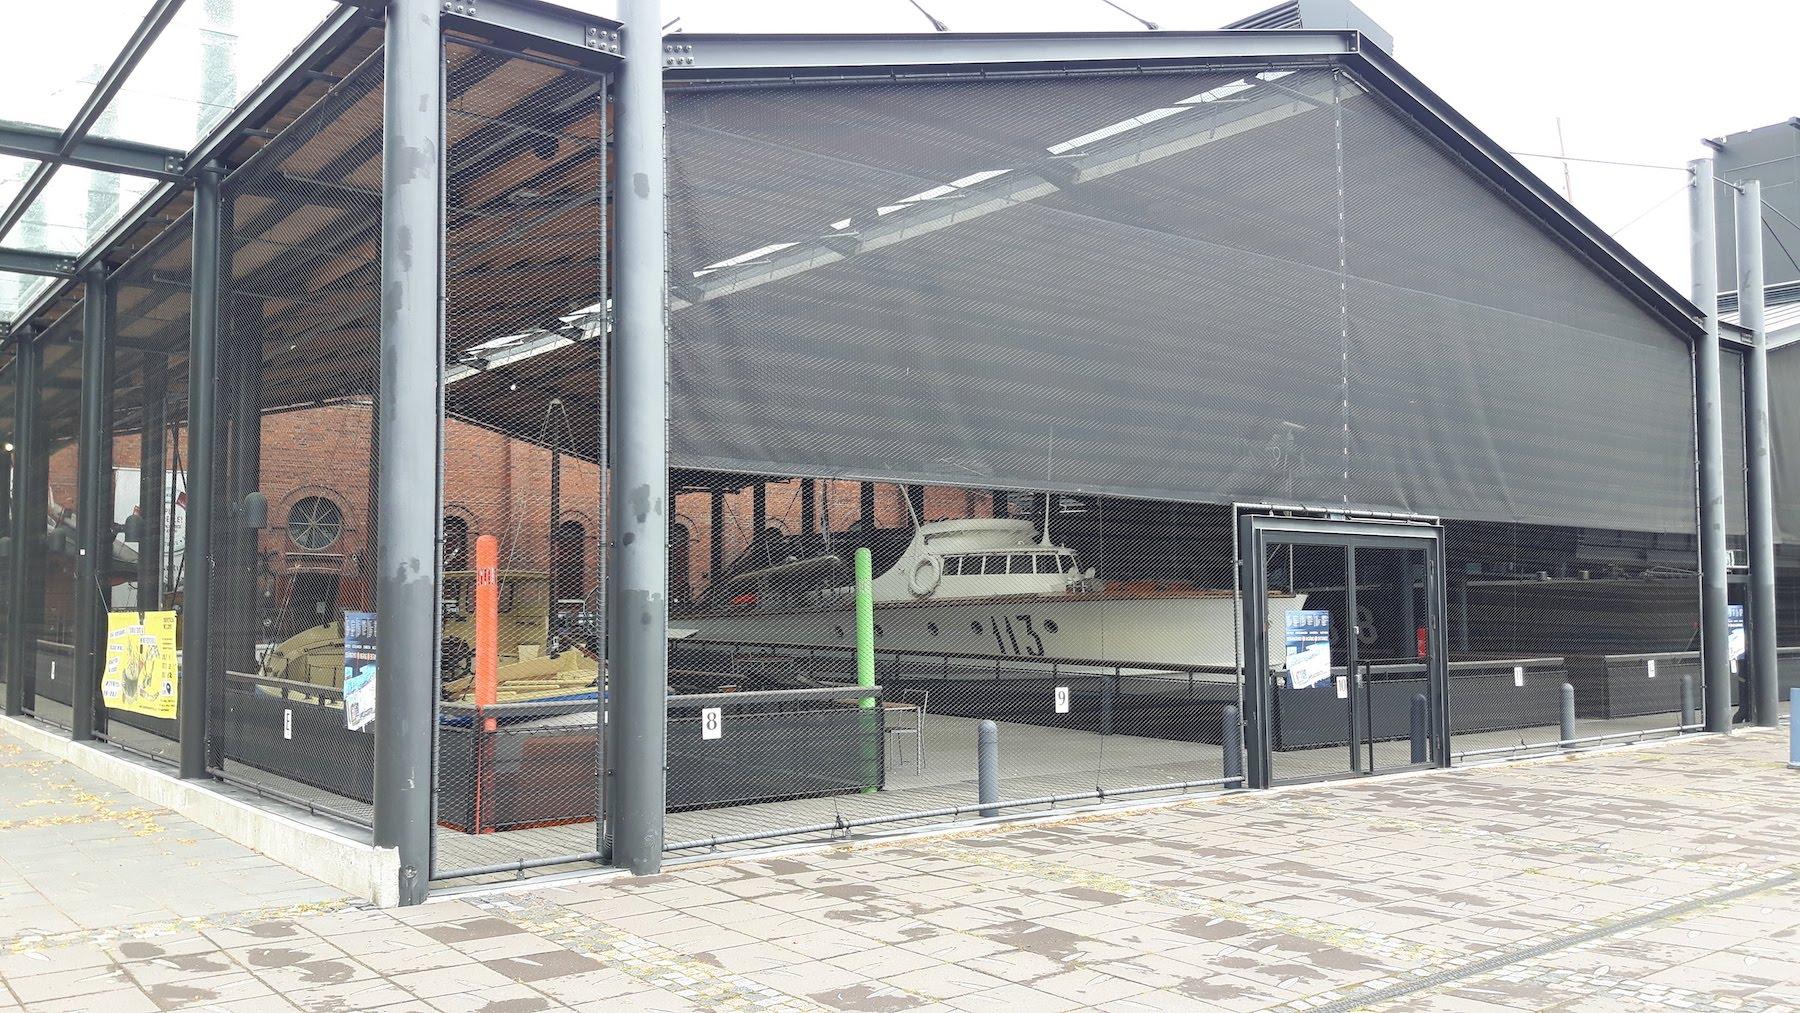 Ship Museum Turku Finland